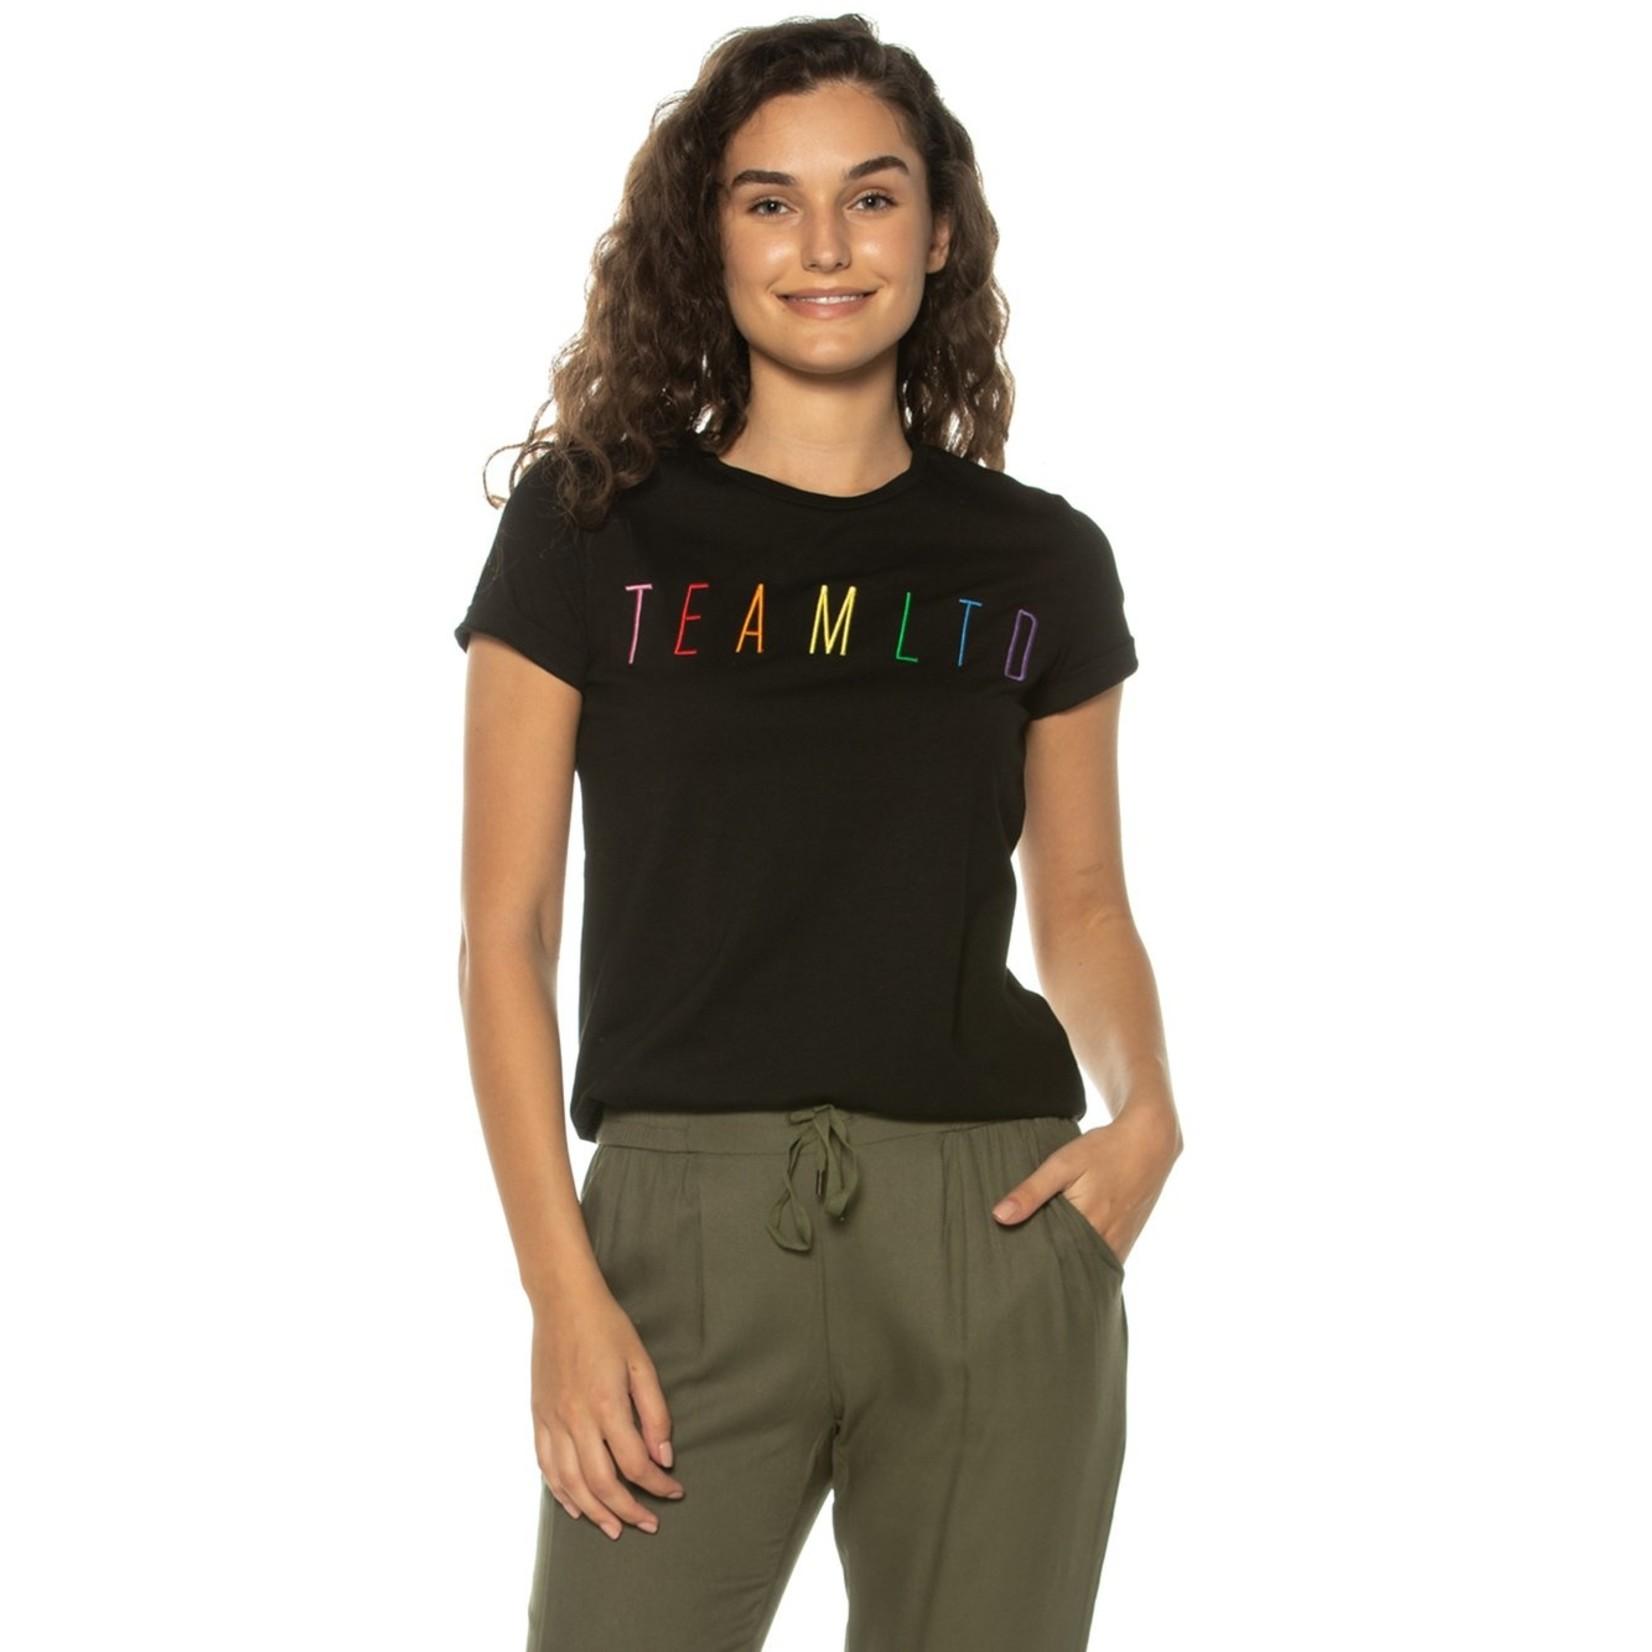 TEAMLTD Rainbow Tee